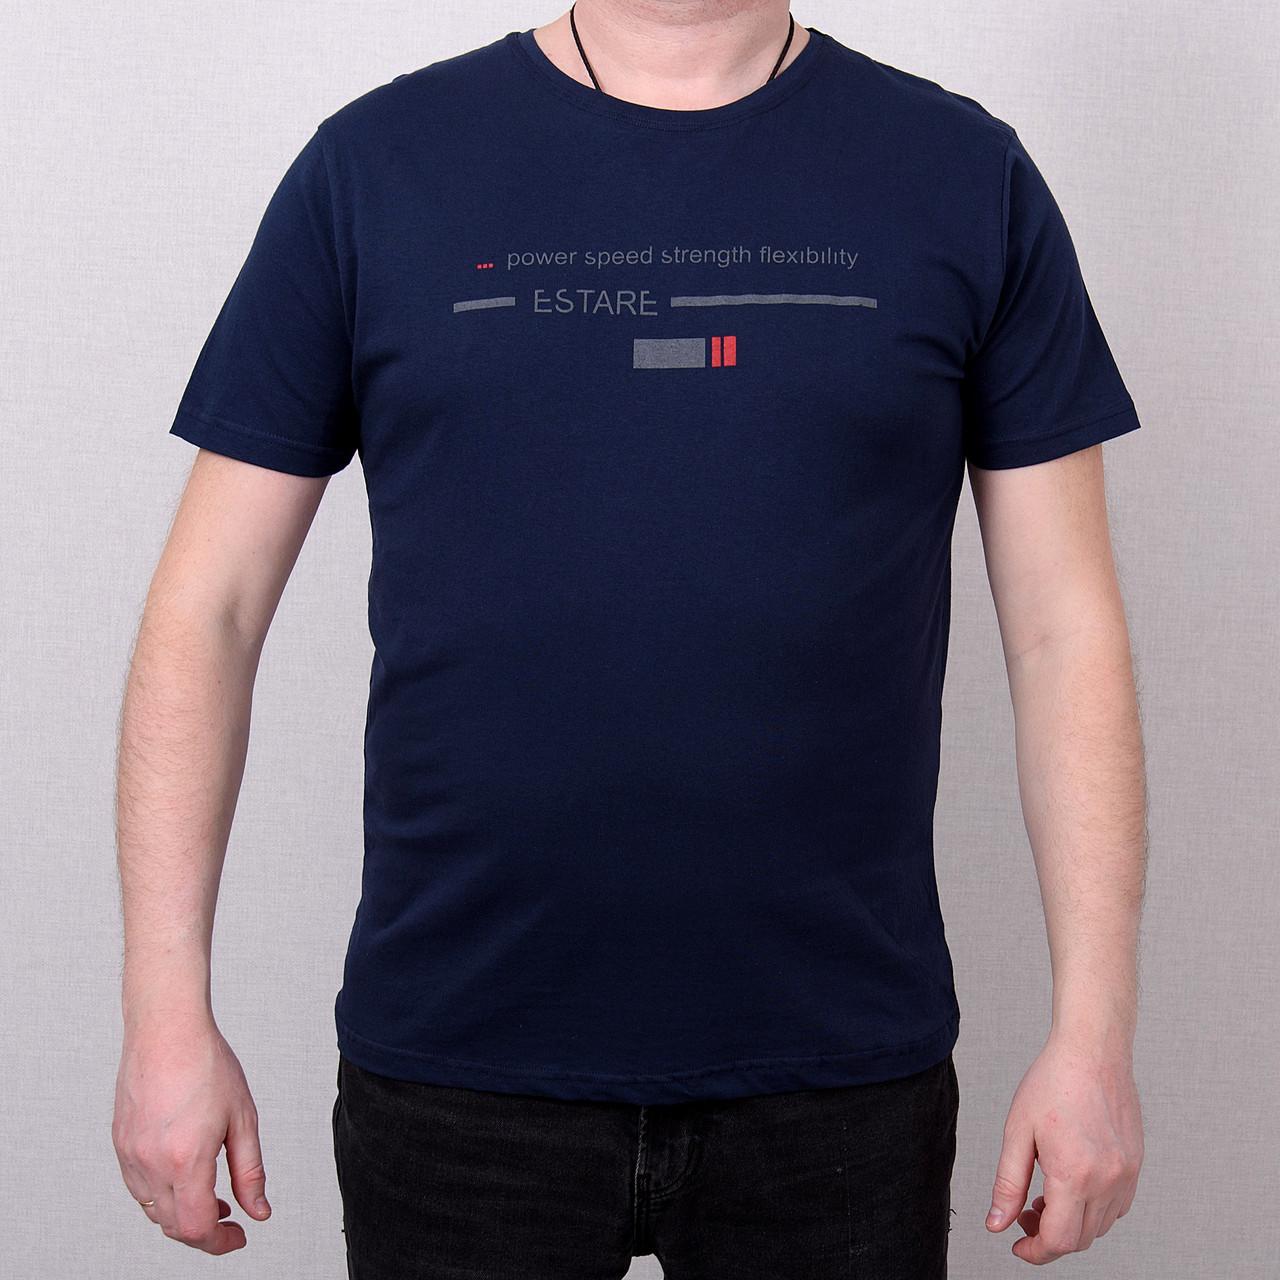 Чоловіча футболка великого розміру, темно-синього кольору